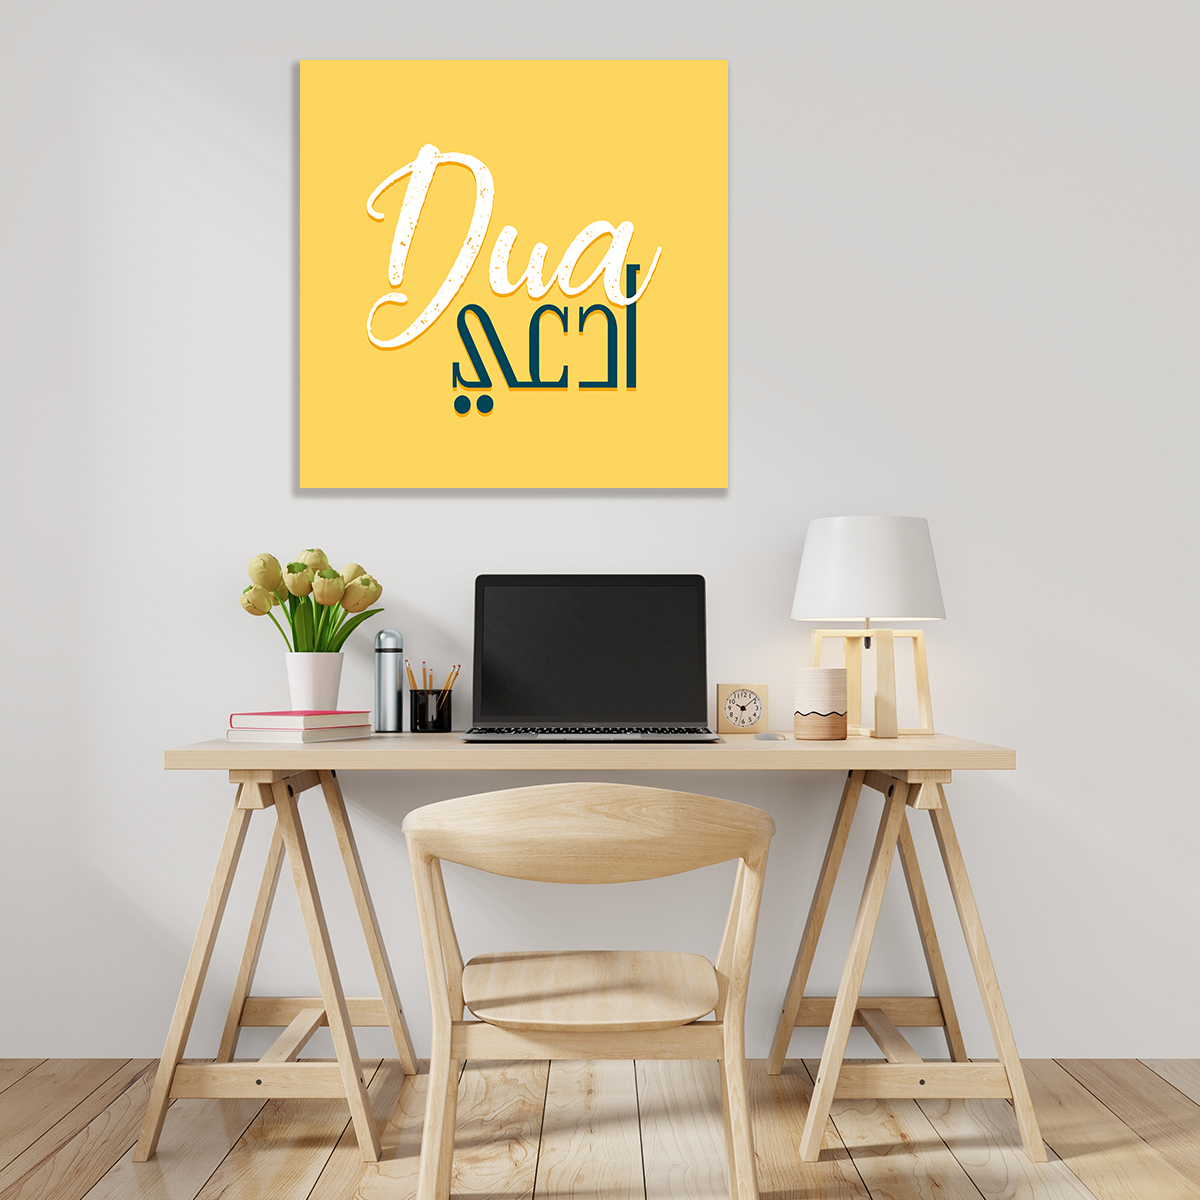 """لوحات جدارية - لوحة ل كلمة """"ادعي """" باللون الأصفر والازرق المتناسقين - لوحة فنية جدارية لكلمة """"ادعي"""" , الصورة مصممة باللون الأصفر والازرق الذي يتناسب مع جميع الغرف الانيقة"""